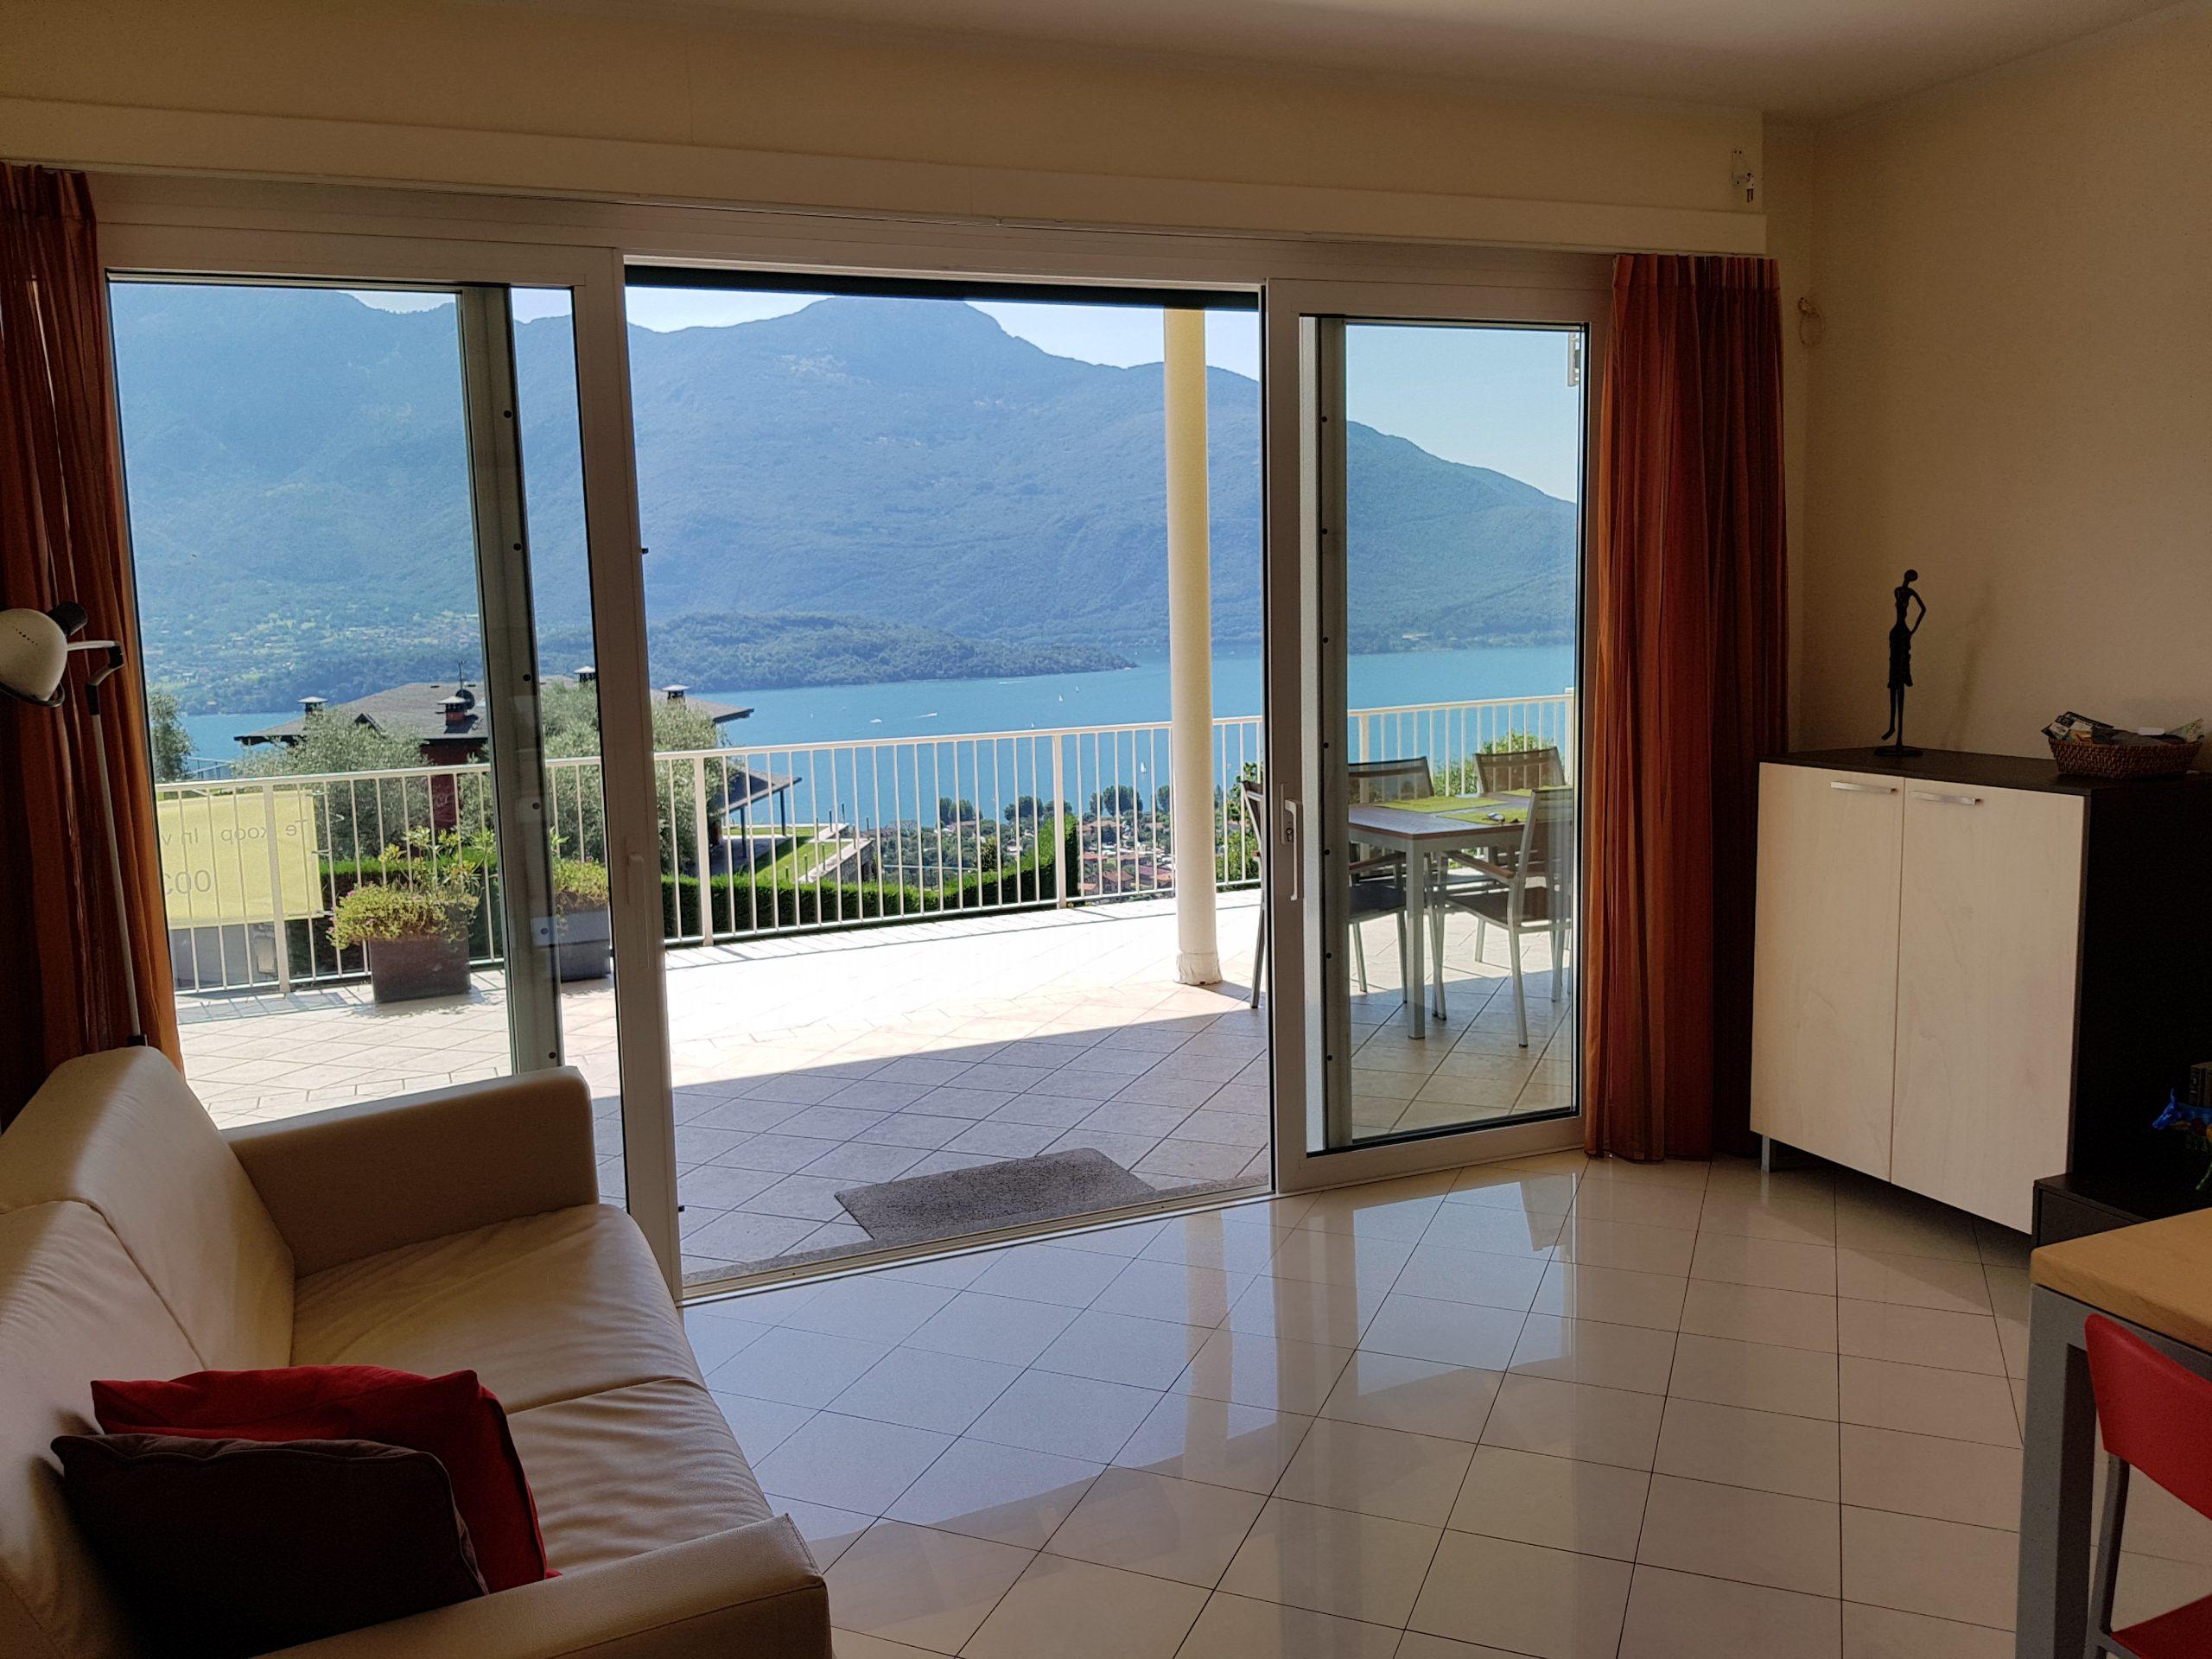 Appartamento Domaso Collinare Vista Lago Como